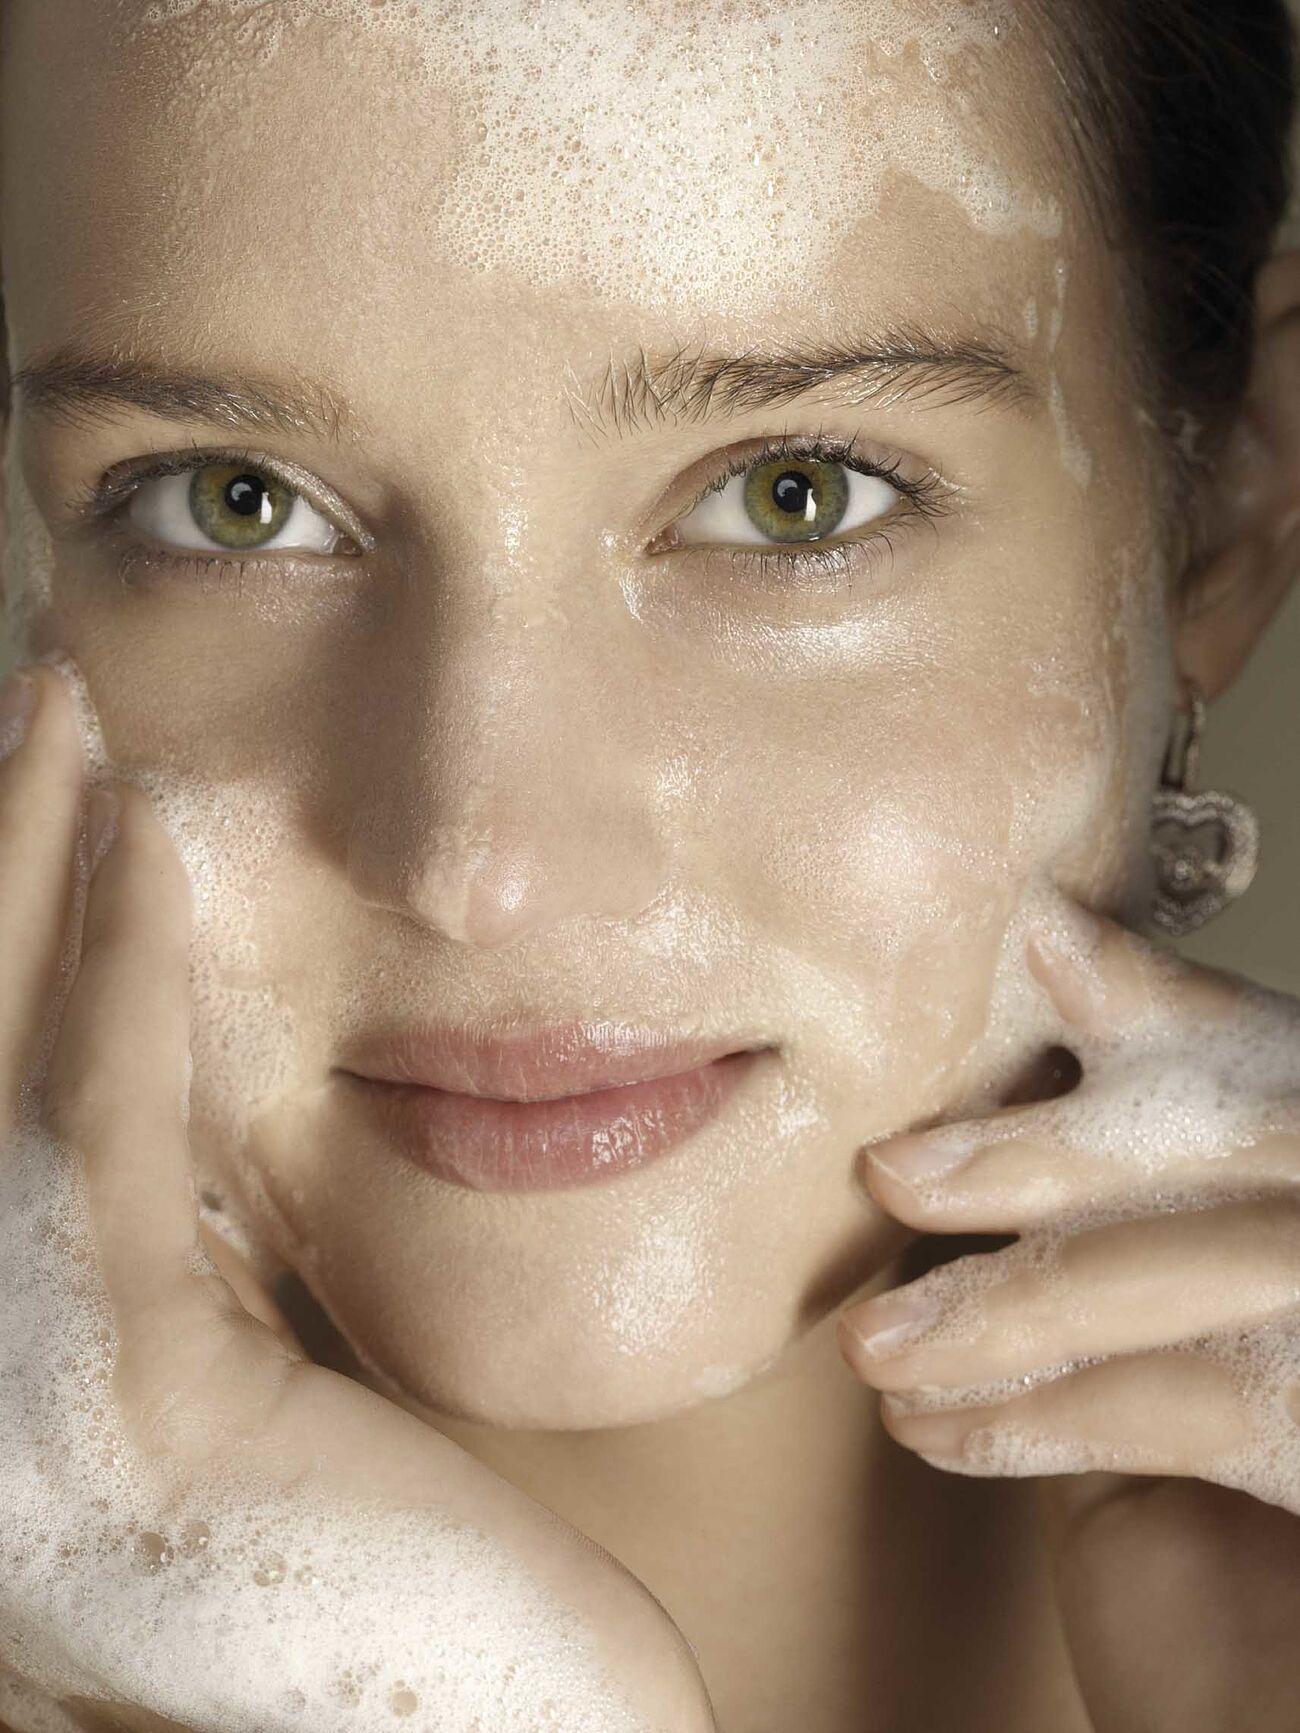 La limpieza es el paso imprescindible para una piel bonita, luminosa y saludable a cualquier edad.